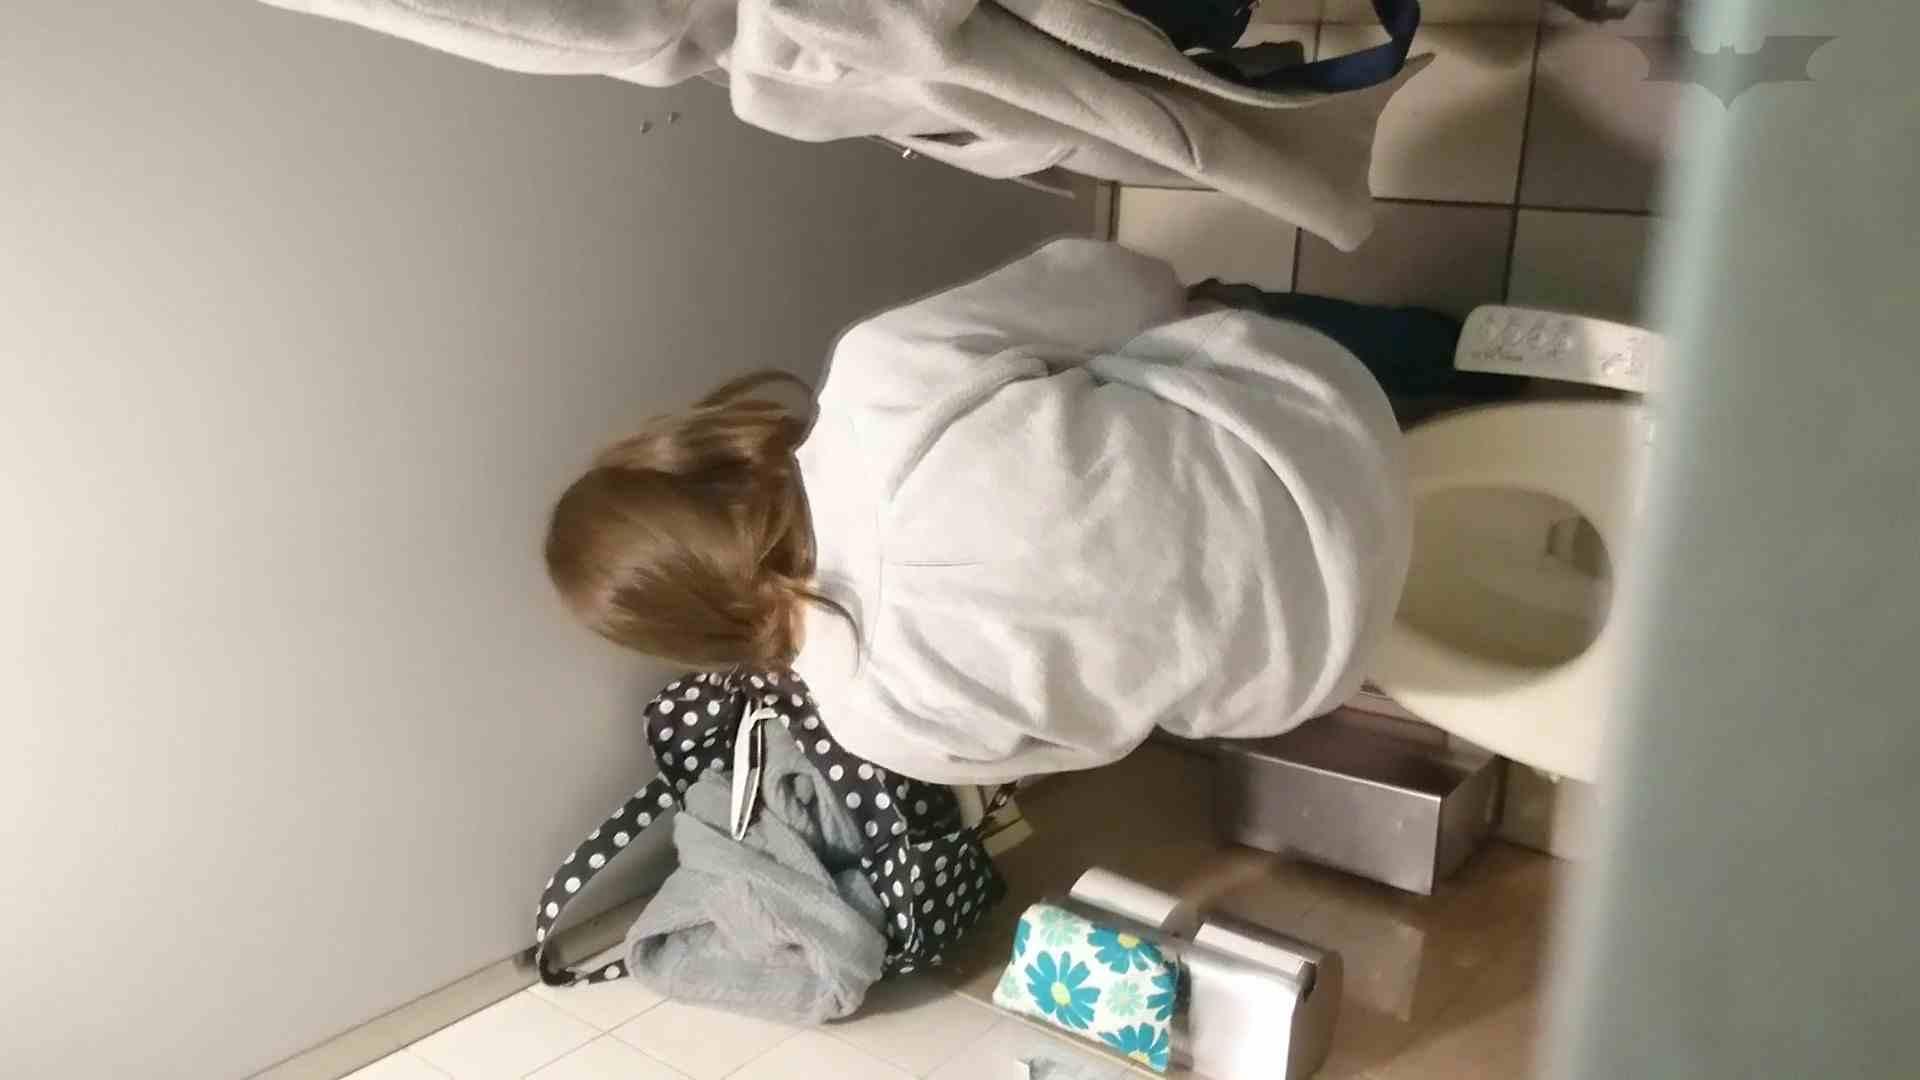 化粧室絵巻 ショッピングモール編 VOL.11 美肌   丸見えマンコ  90画像 62